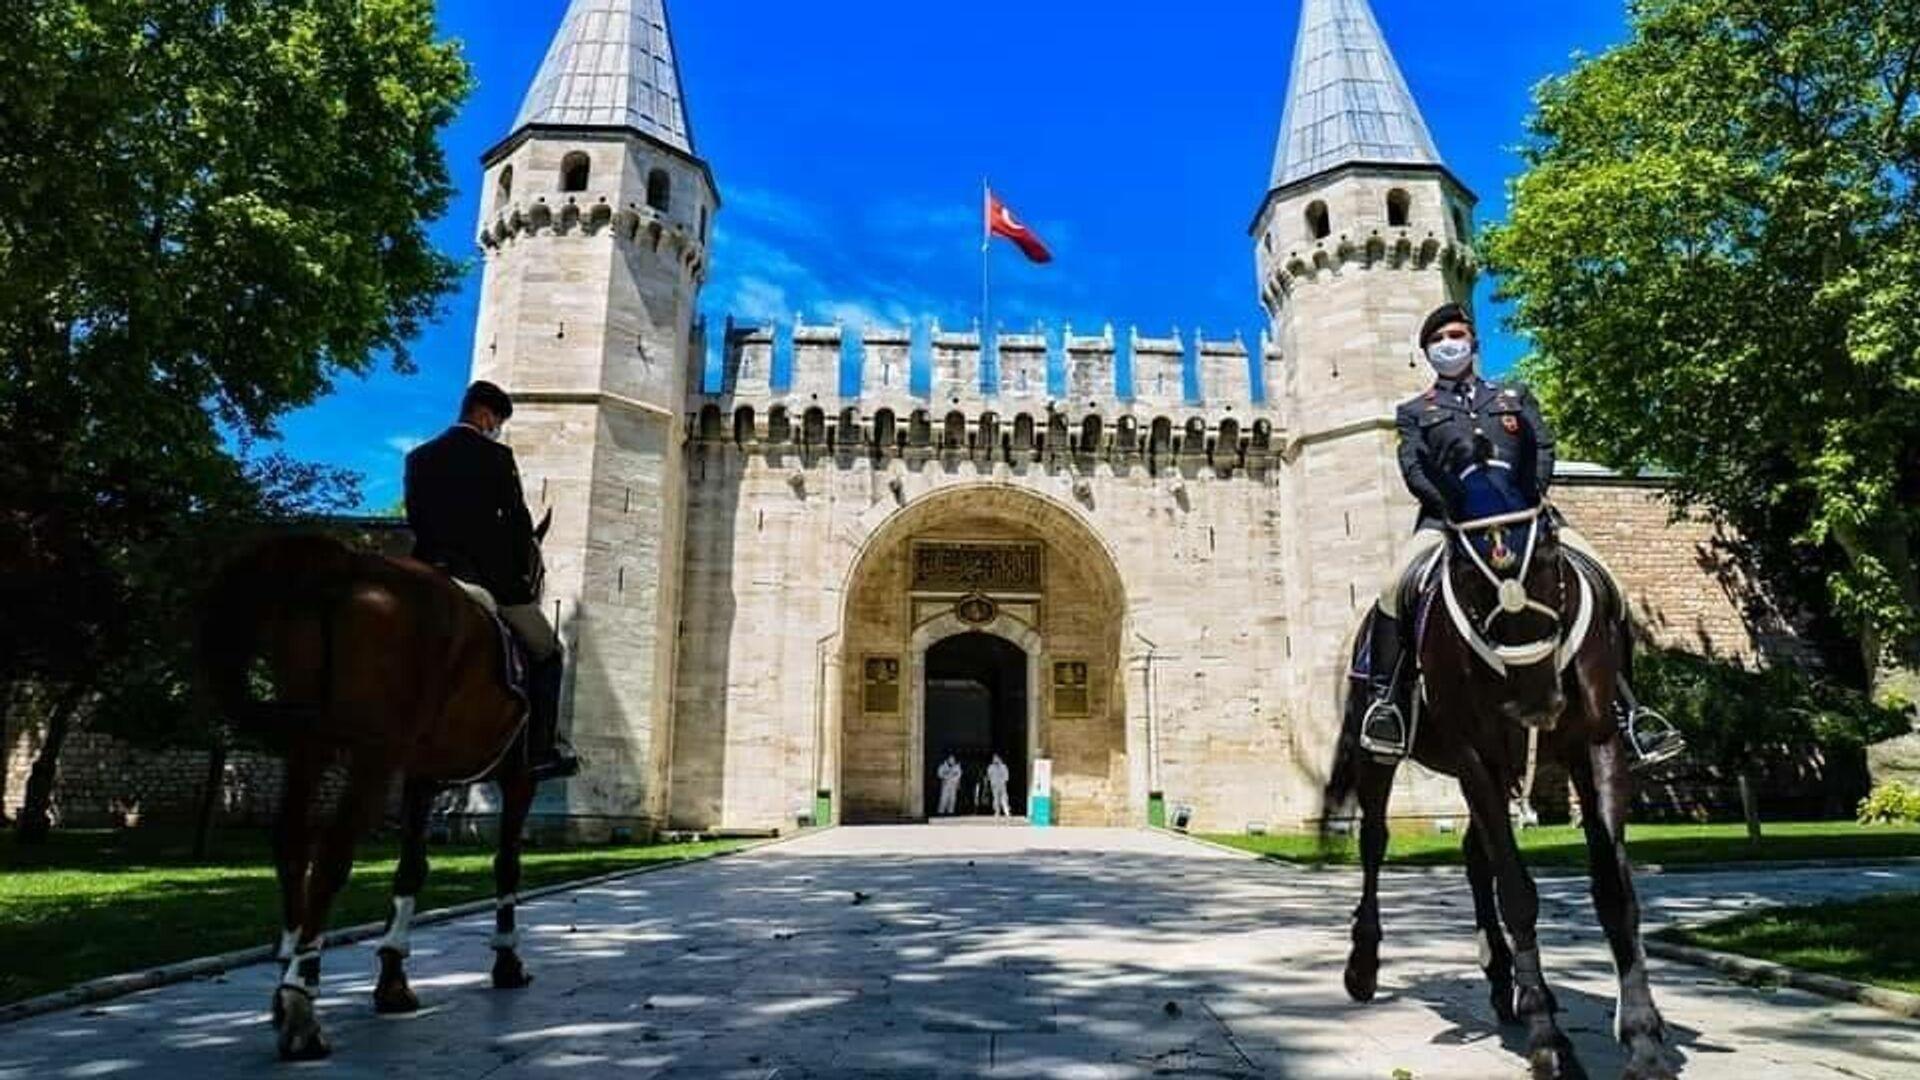 Султанский дворец Топкапы в Стамбуле - РИА Новости, 1920, 25.11.2020